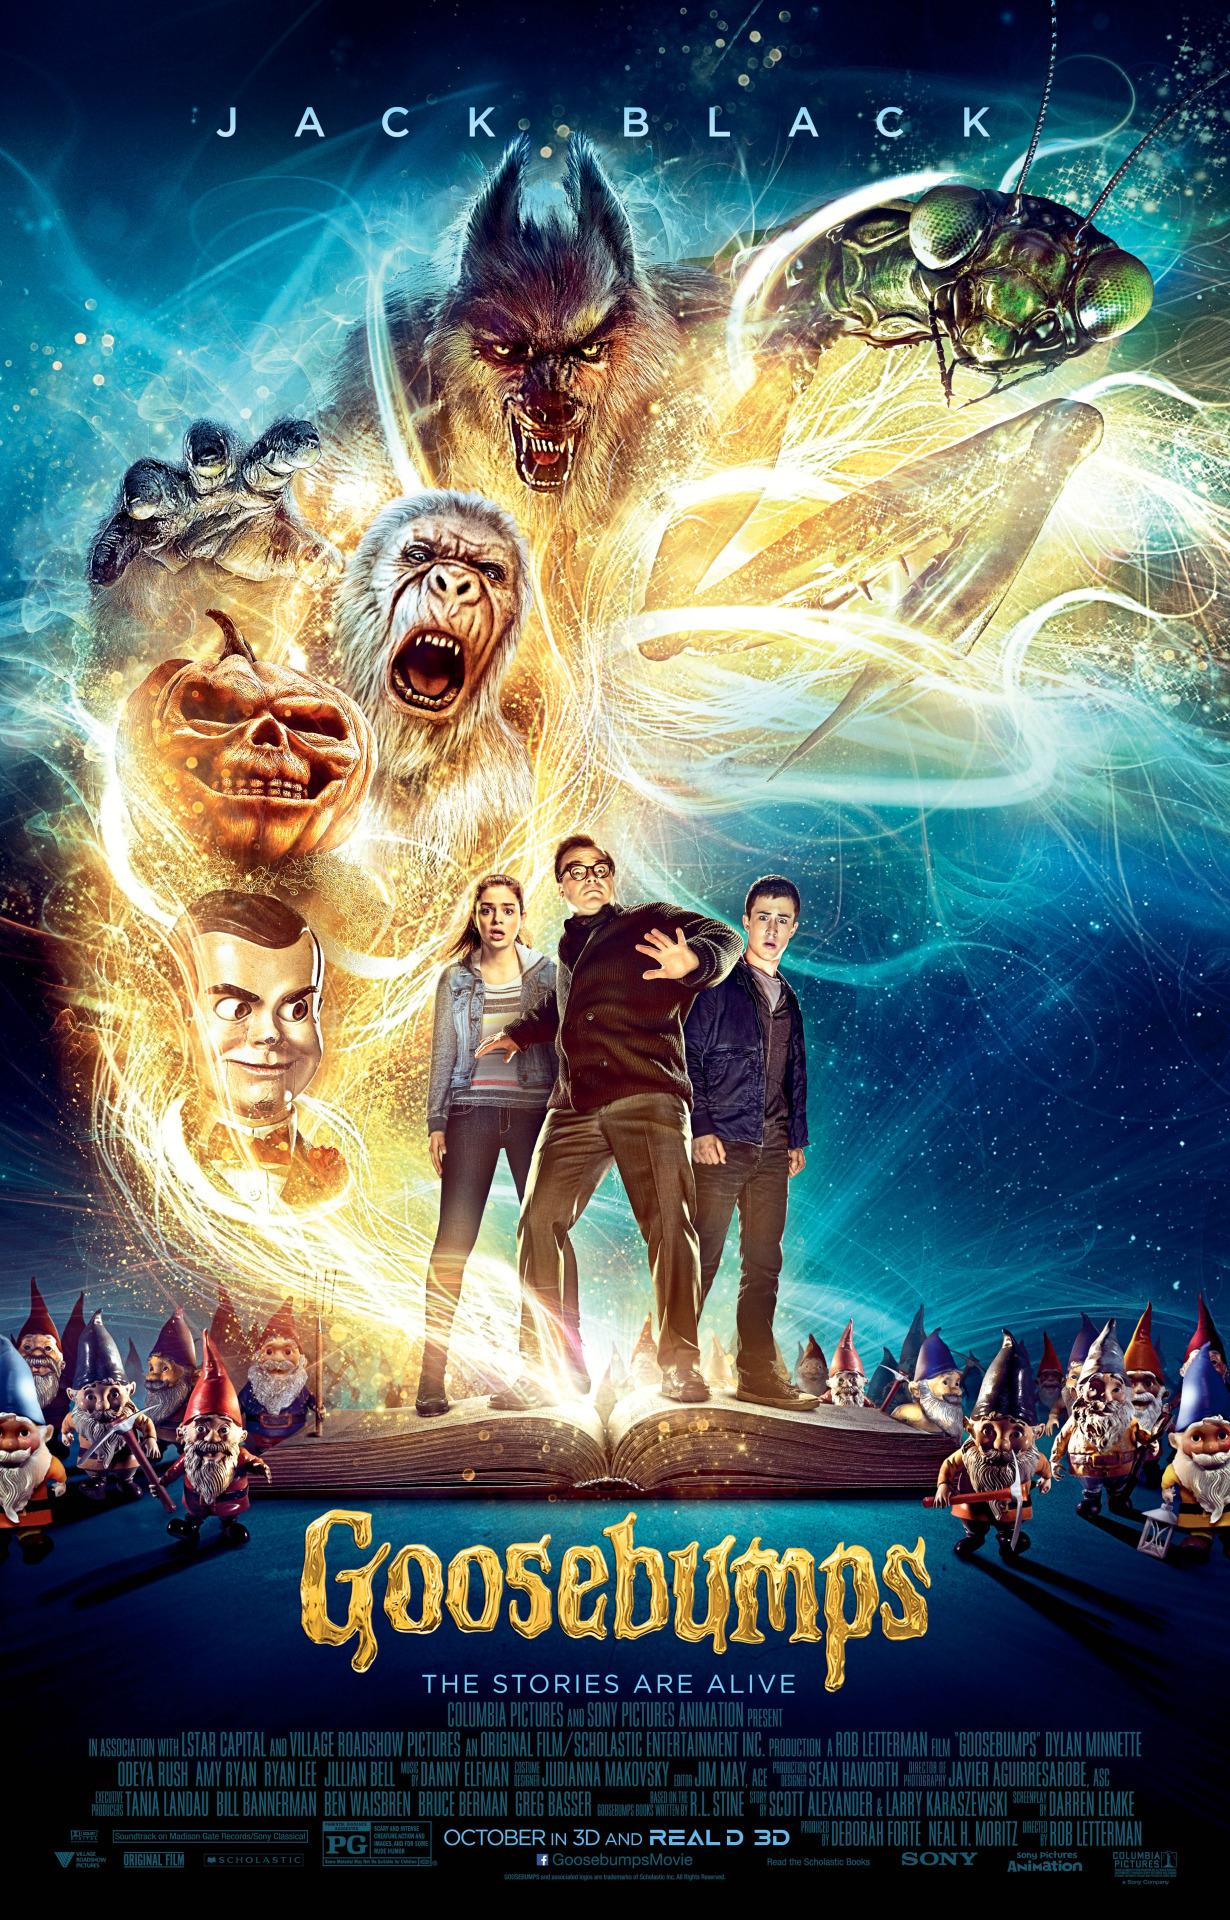 Goosebumps film review: viewer beware!